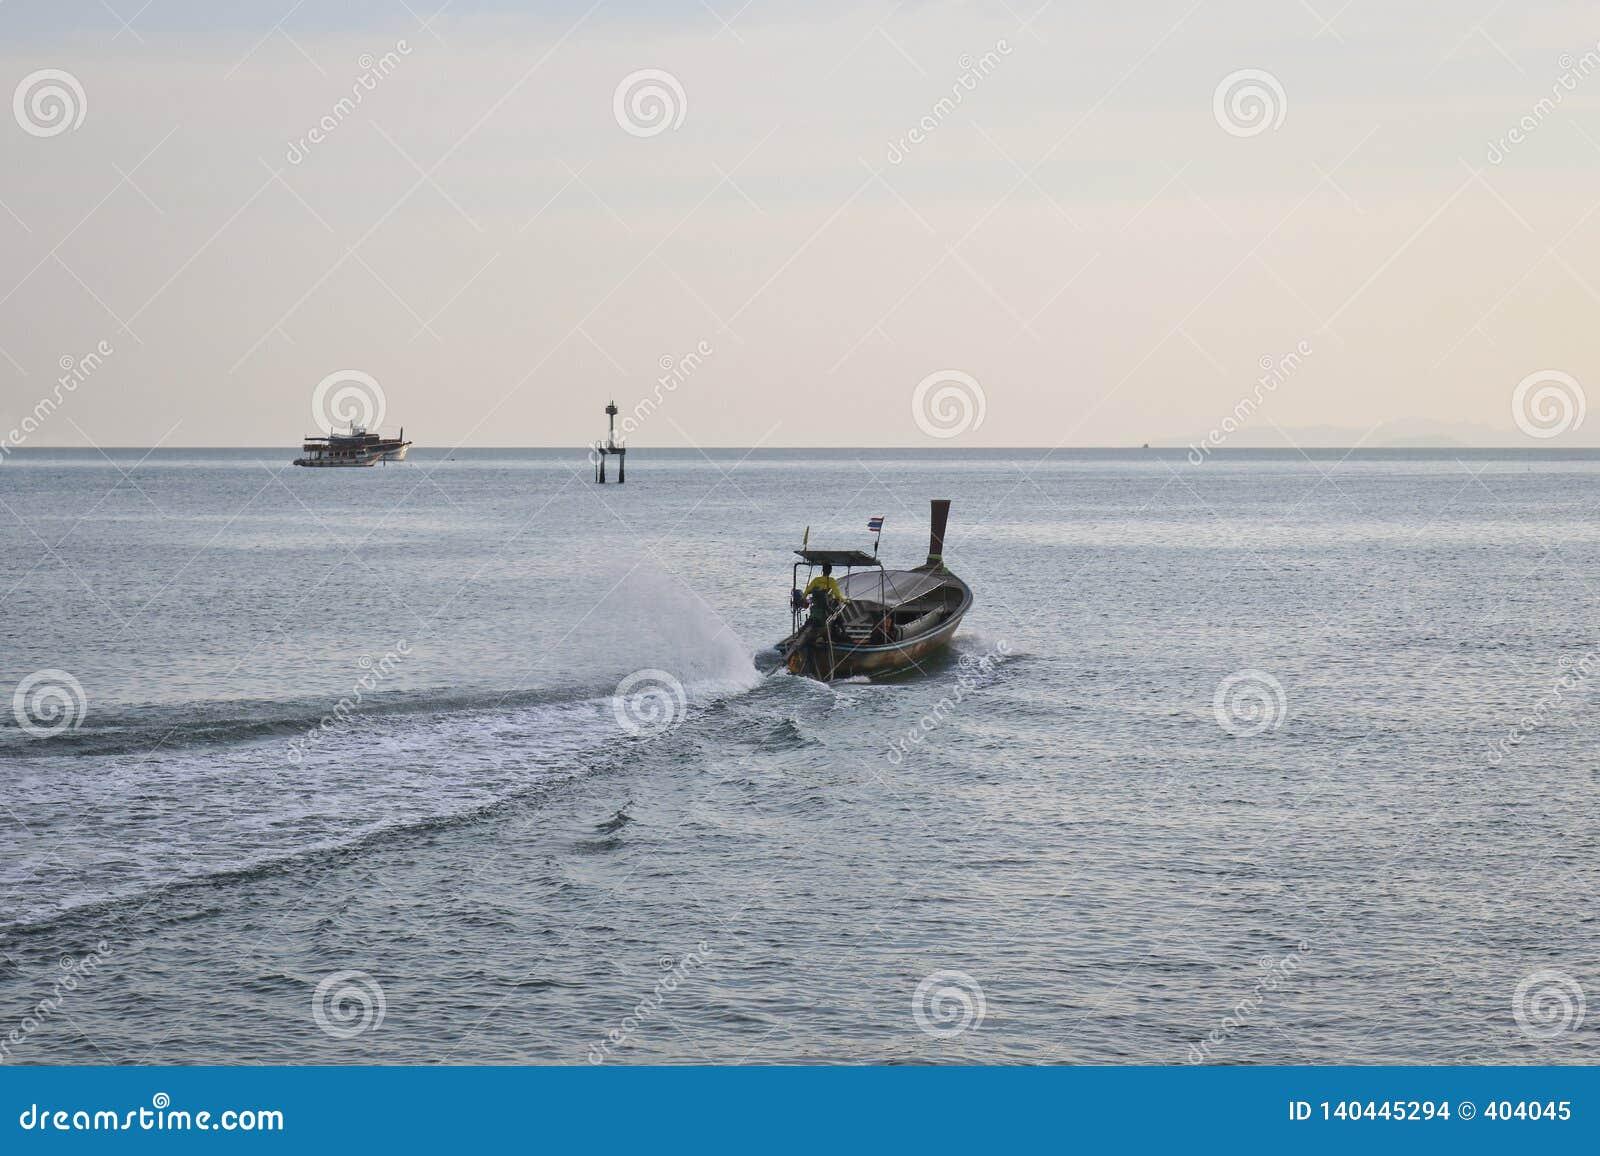 Μια κενή με μακριά ουρά βάρκα μηχανών επιπλέει στη θάλασσα το βράδυ - τέλος της εργάσιμης ημέρας